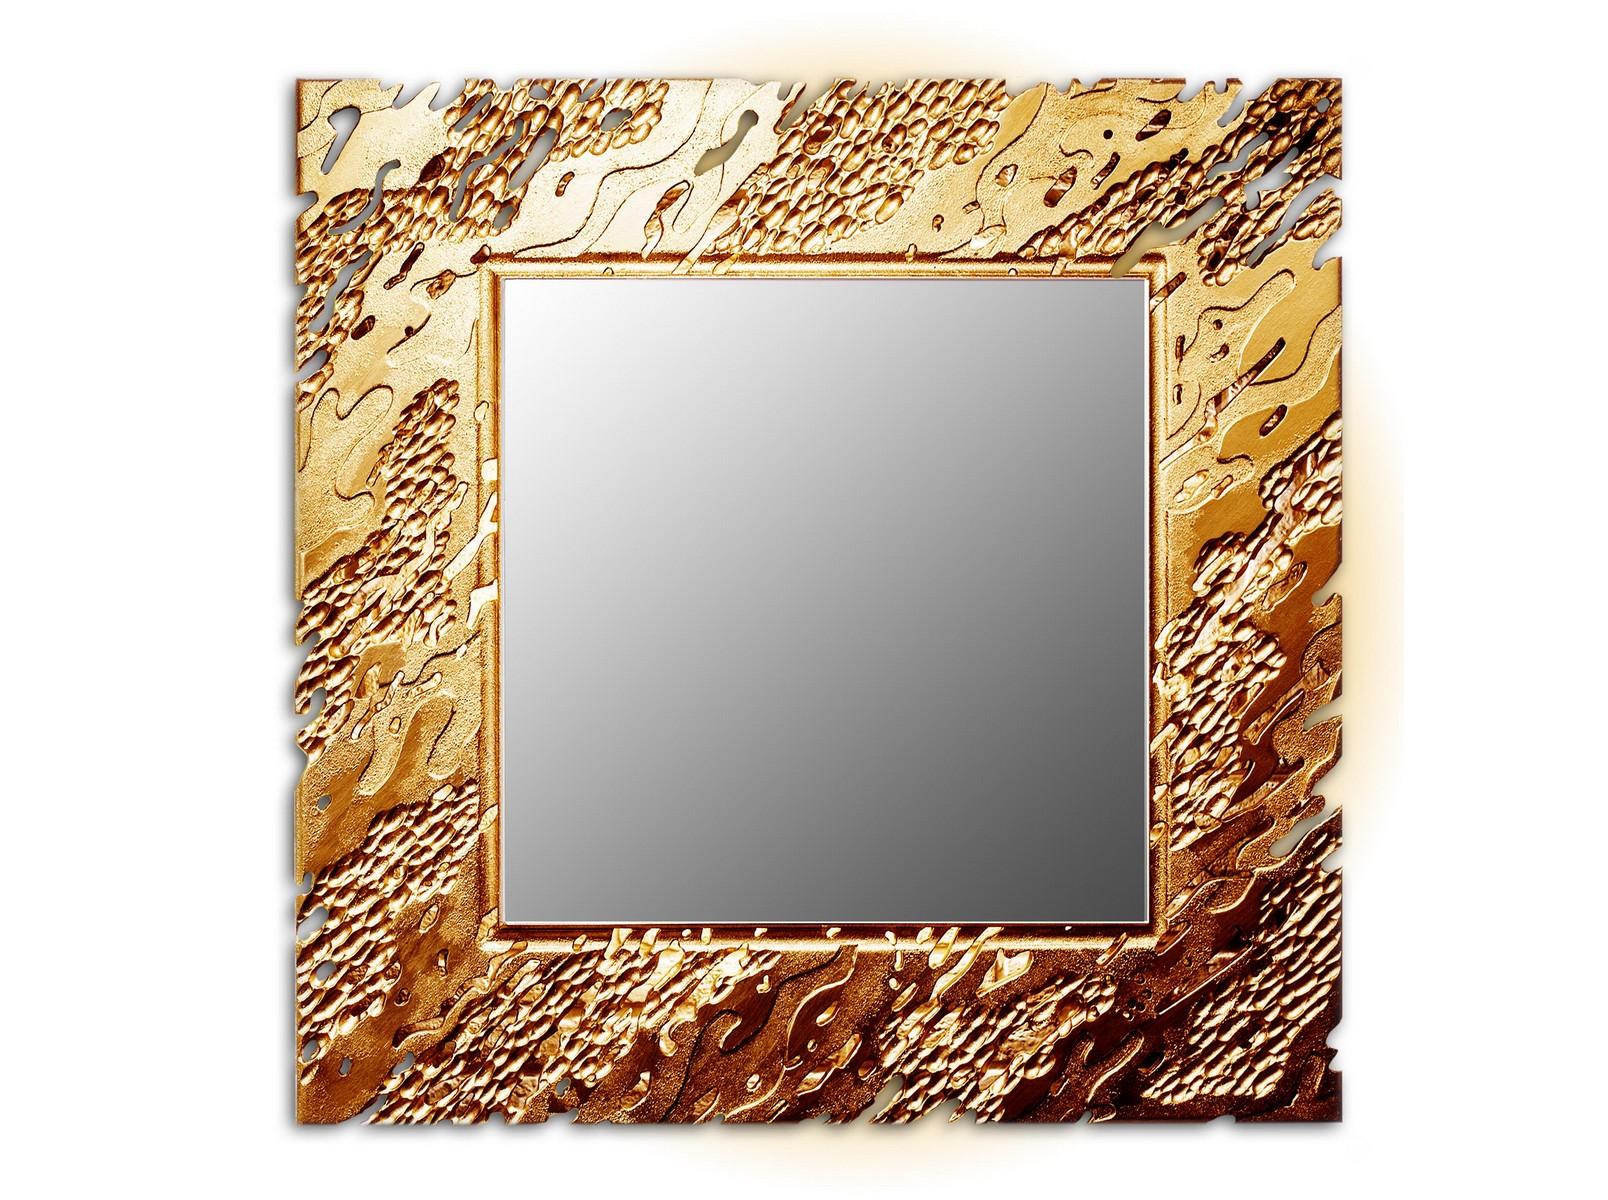 Зеркало REEFНастенные зеркала<br>Ветерок касается воды и солнечные блики играют на ее поверхности. <br>Завораживающая картина, дарящая отдых душе. На нее можно смотреть бесконечно. <br>Резной рисунок на раме зеркал коллекции Reef имитирует рябь на водной глади. <br>Данный вариант представлен в квадратной форме и бронзовом цвете<br><br>Material: Дерево<br>Width см: 90<br>Depth см: 0.8<br>Height см: 90